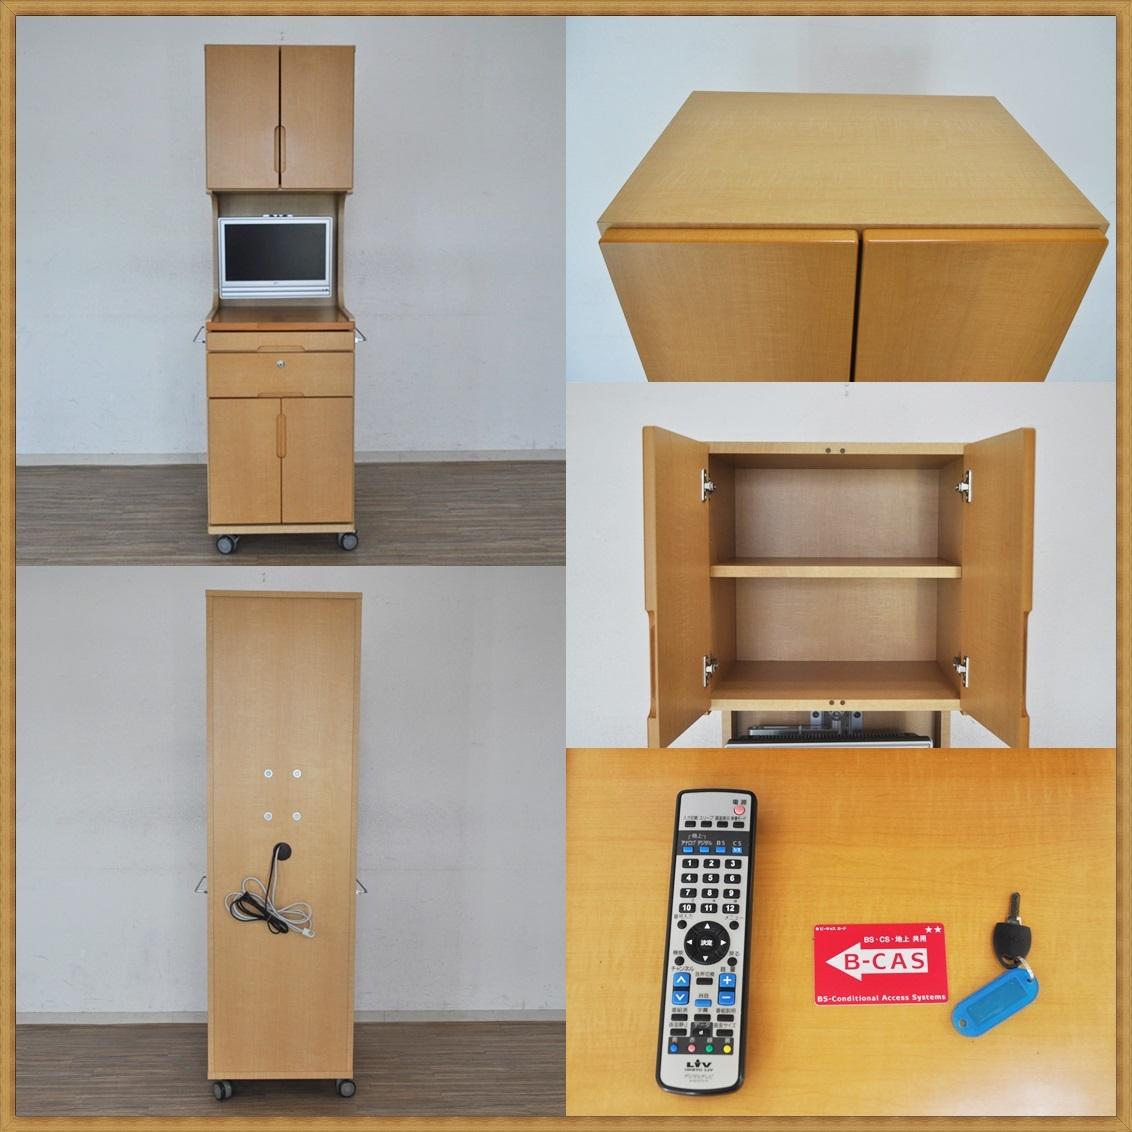 日本製ハイタイプ多機能型床頭台ONKYO LiVデジタルテレビB-CAS・リモコン・可動アーム付き 引出しスライドレール鍵付き収納棚 美完成品_画像5